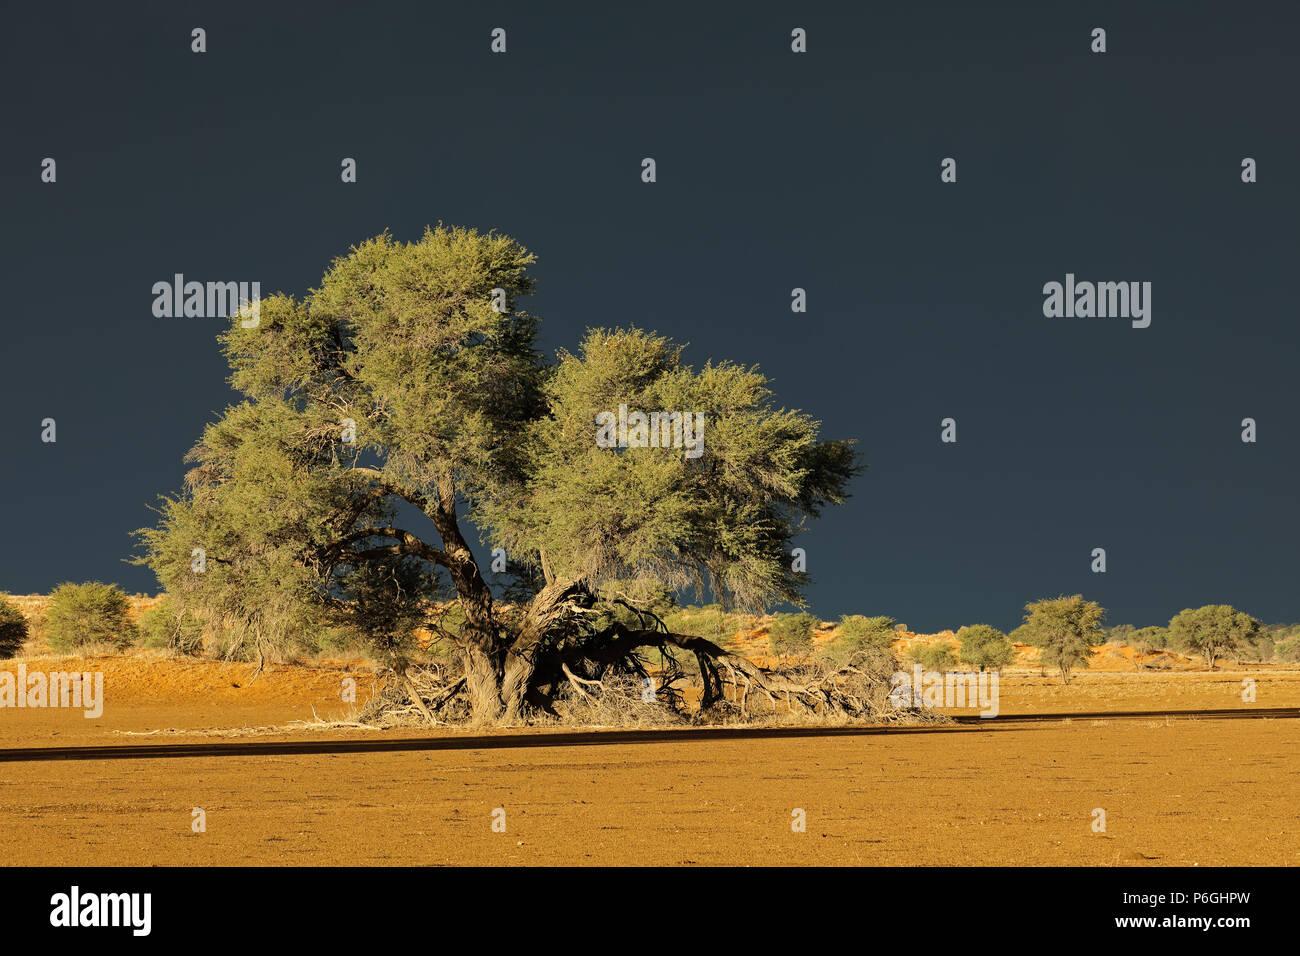 Desert landscape against a dark sky of an approaching storm, Kalahari desert, South Africa Stock Photo